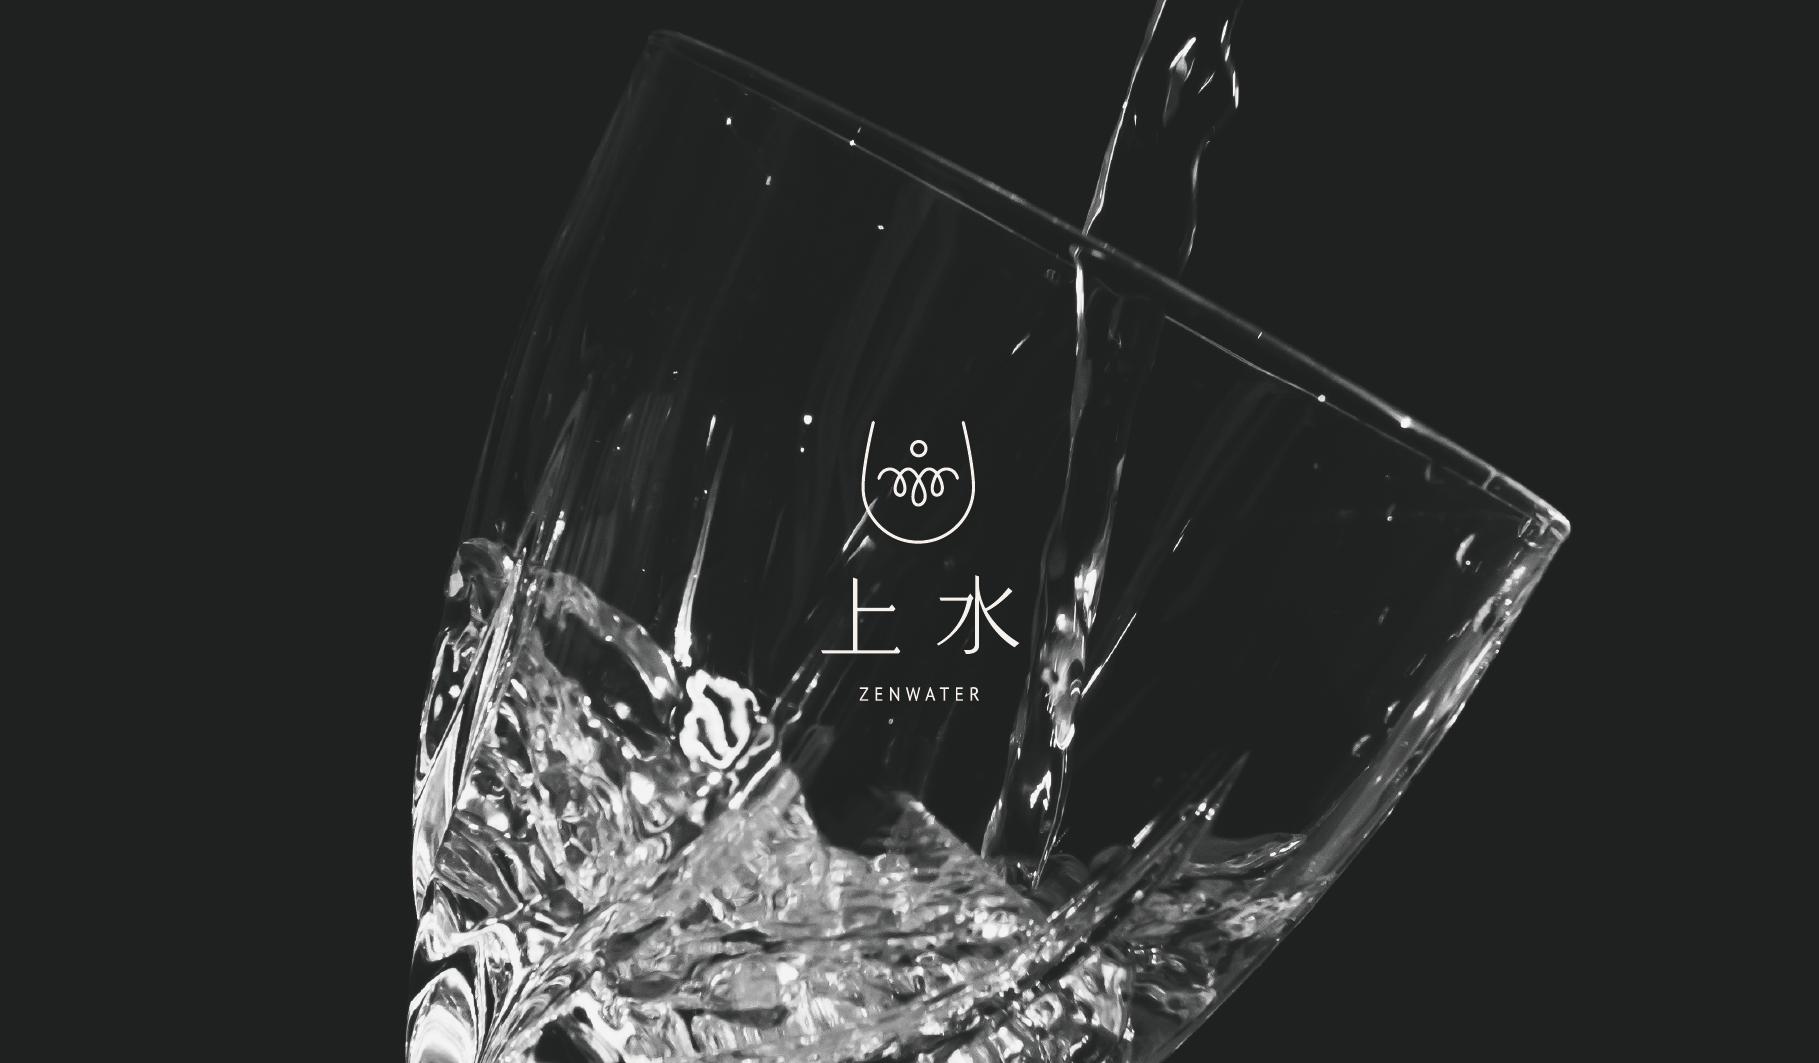 studiopros_zenwater_01.png